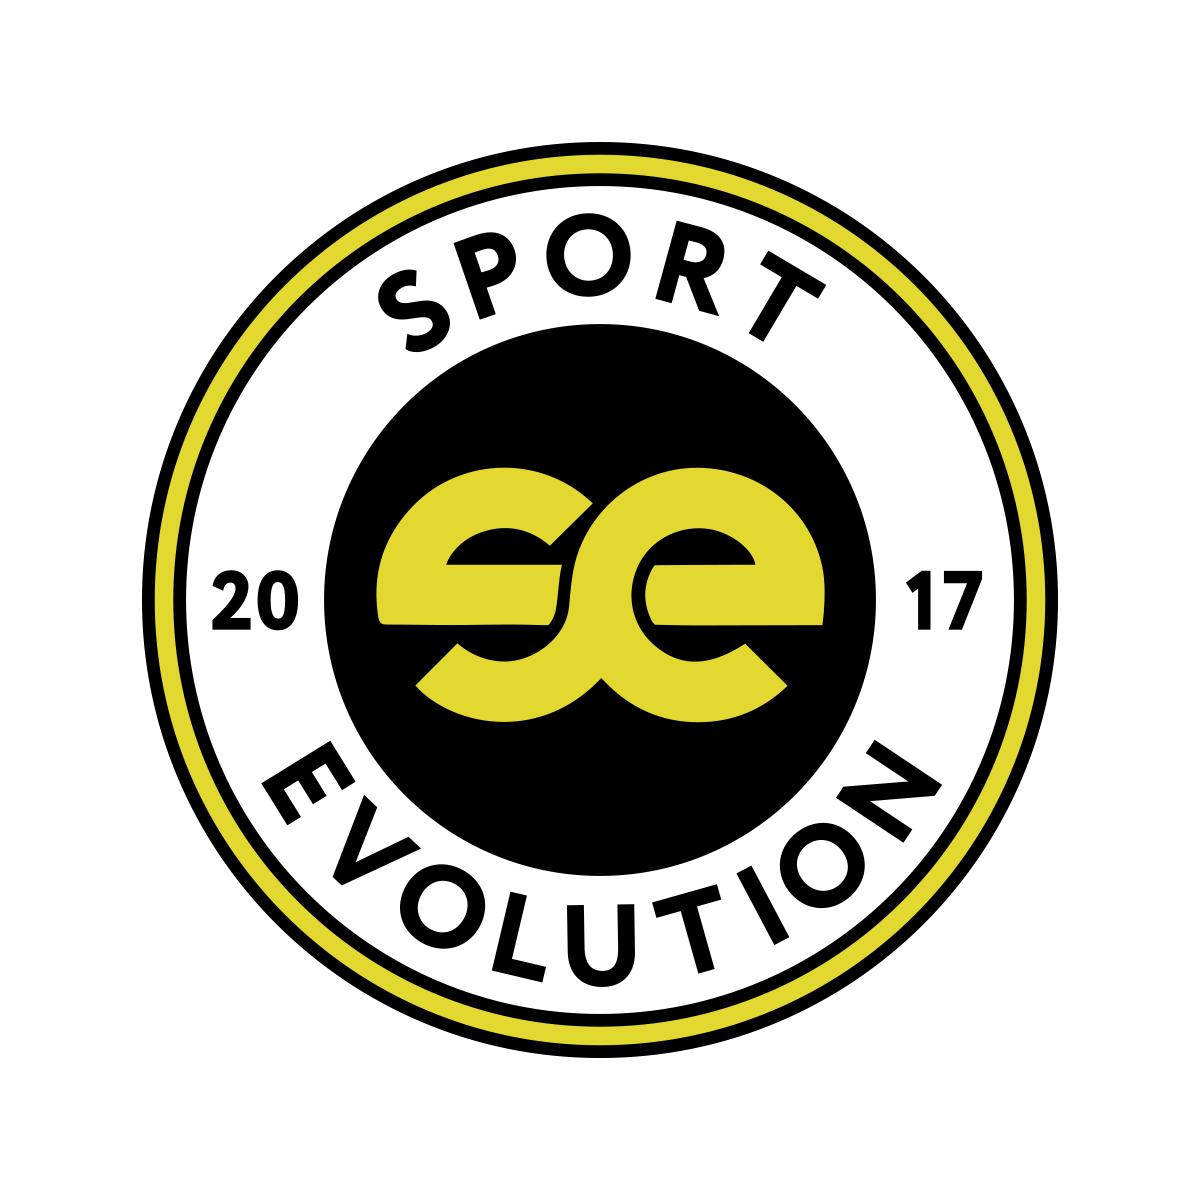 sport evolution Twitter profile photo.jpg